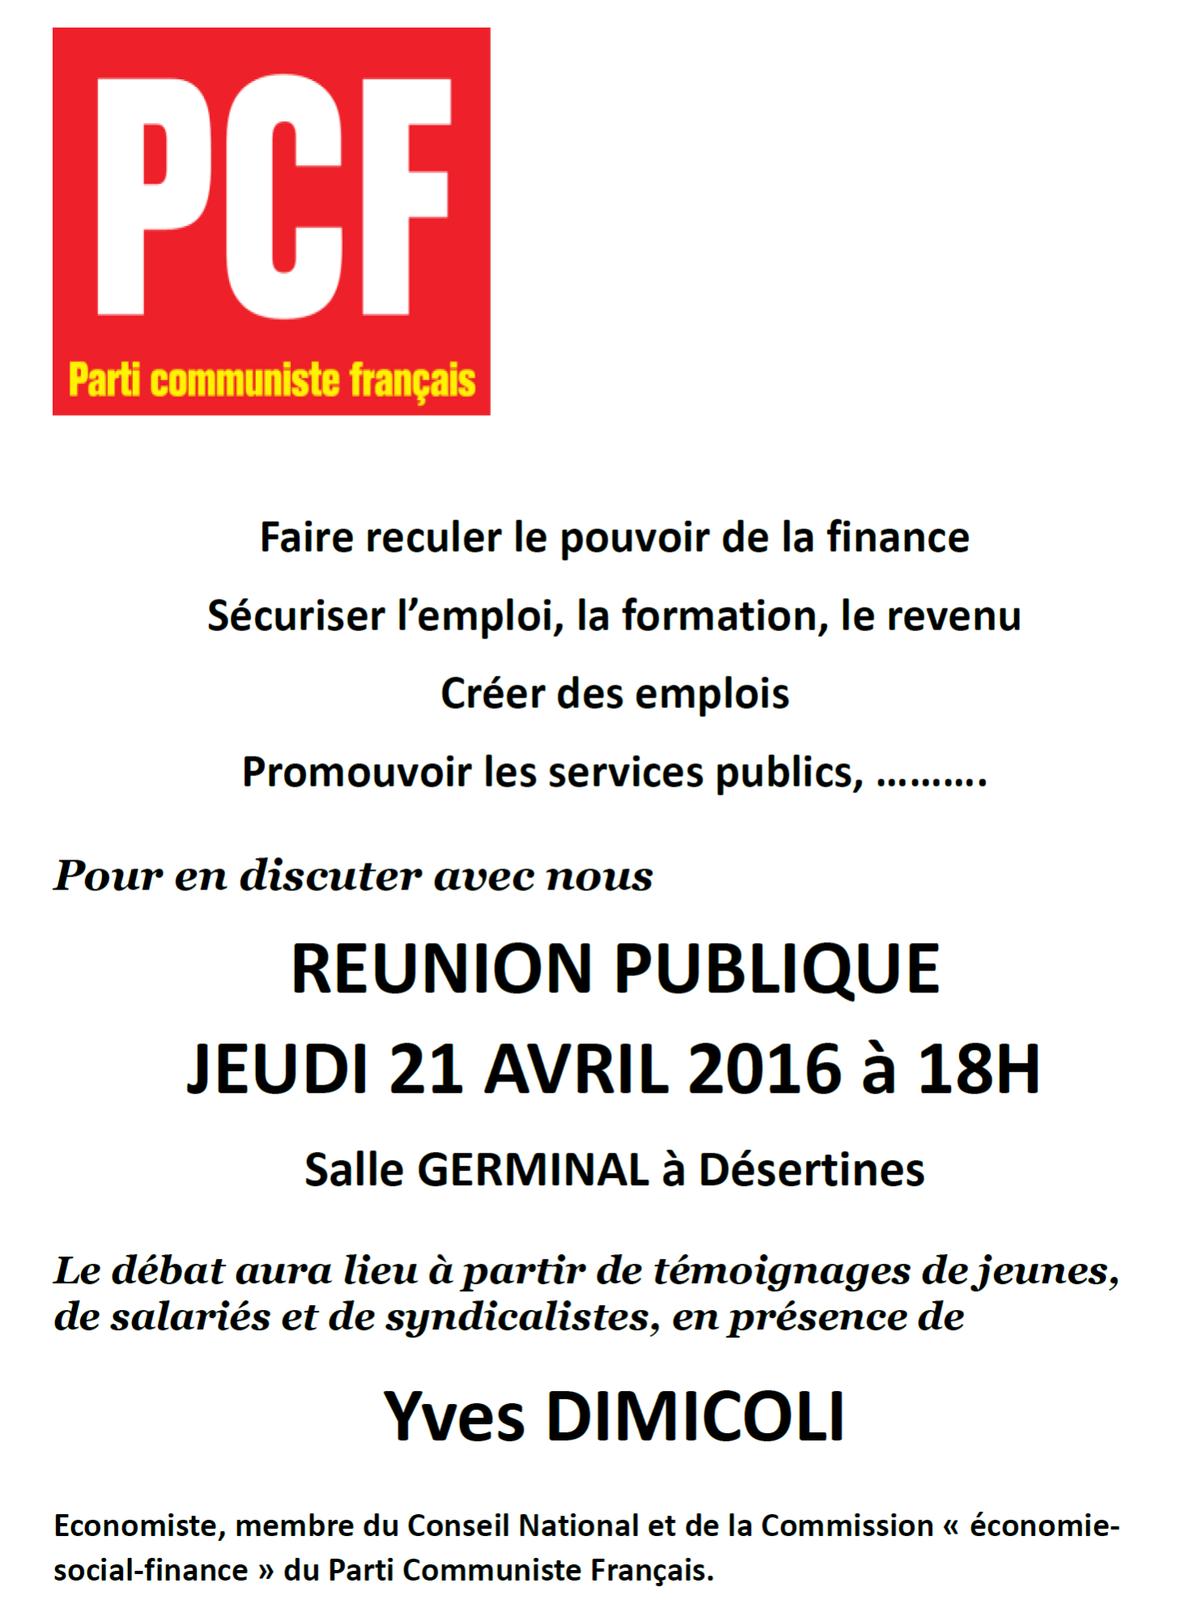 Réunion publique organisée par le PCF à Désertines